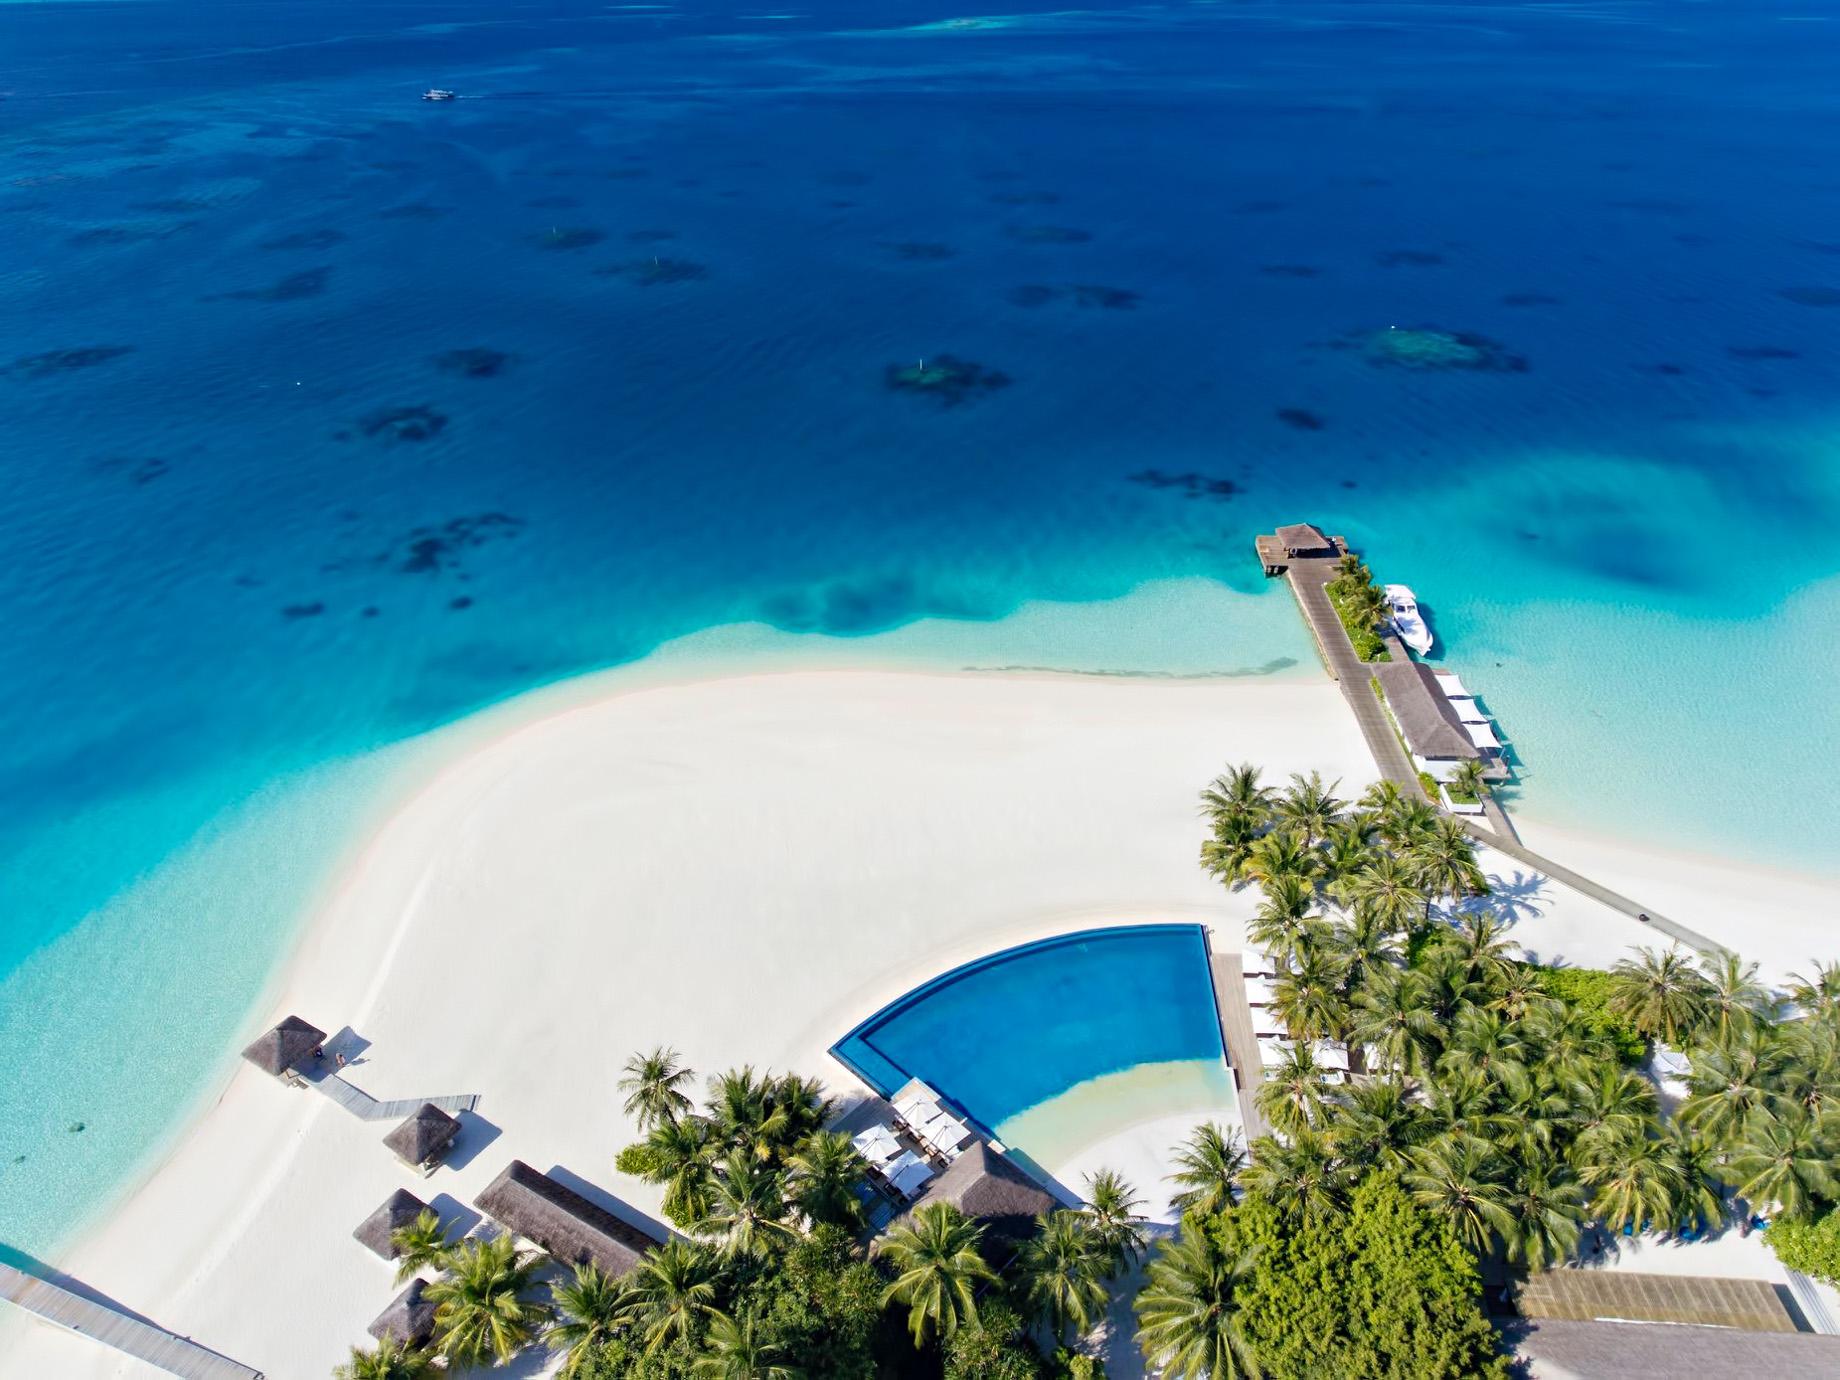 Velassaru Maldives Luxury Resort – South Male Atoll, Maldives – Infinity Pool